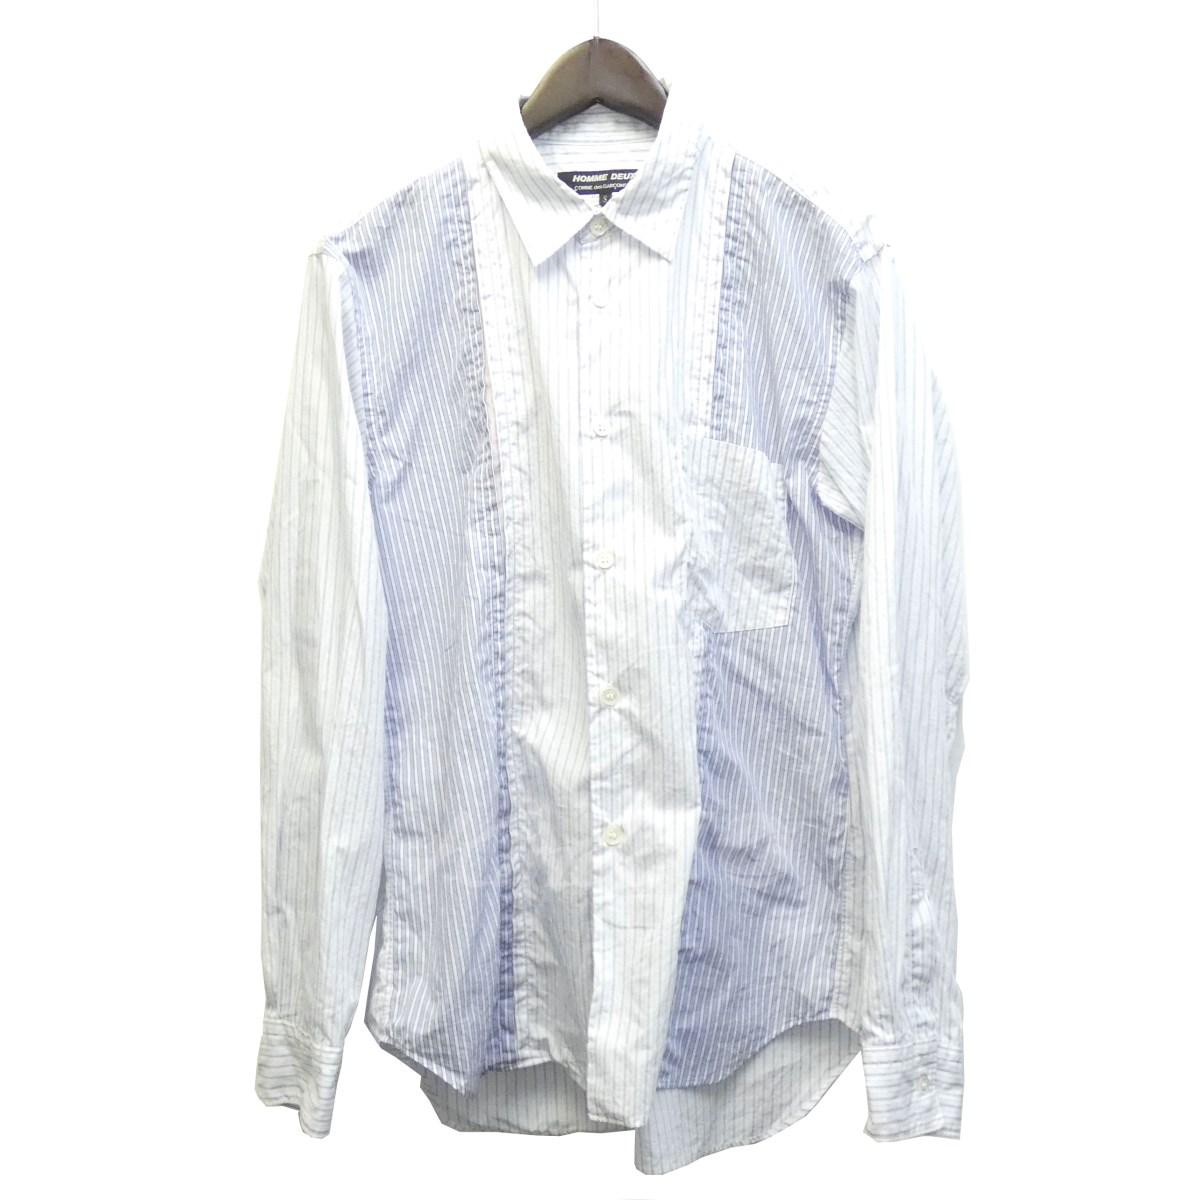 【中古】COMME des GARCONS HOMME DEUX 18SS ストライプ切替シャツ サックスブルー サイズ:S 【送料無料】 【270219】(コムデギャルソンオムドゥ)